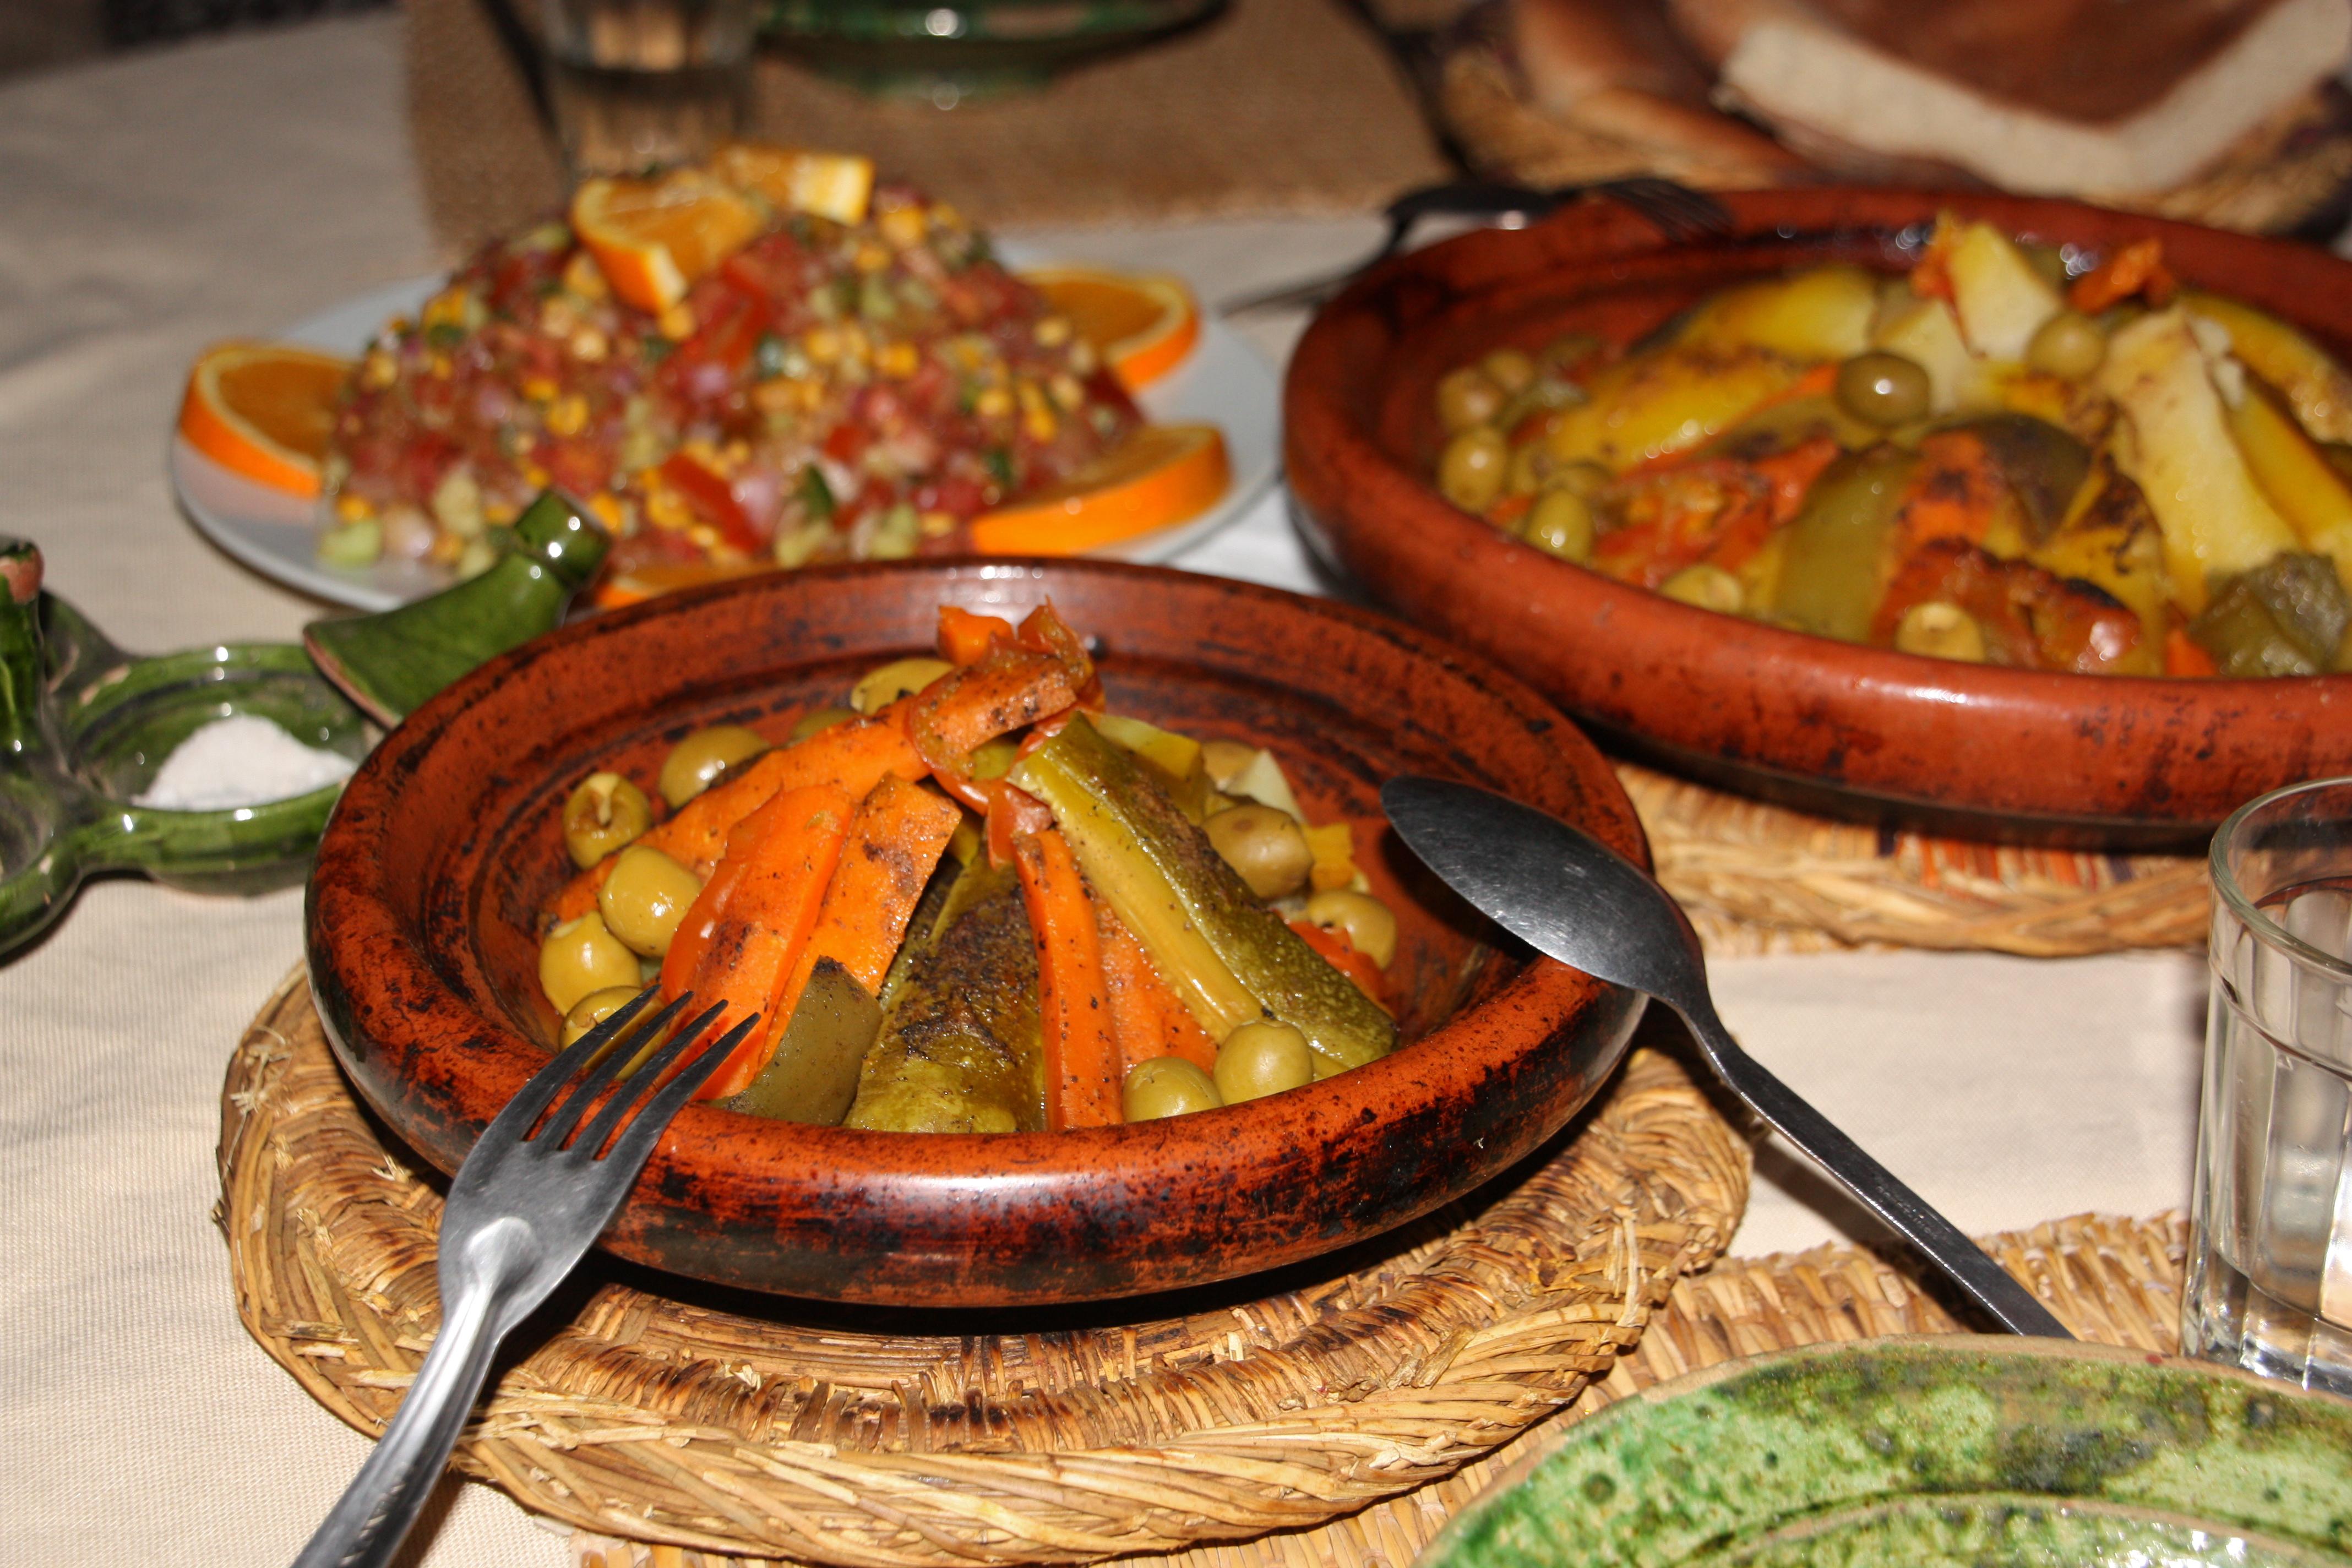 Marokko ruoka saharan retki vinkit